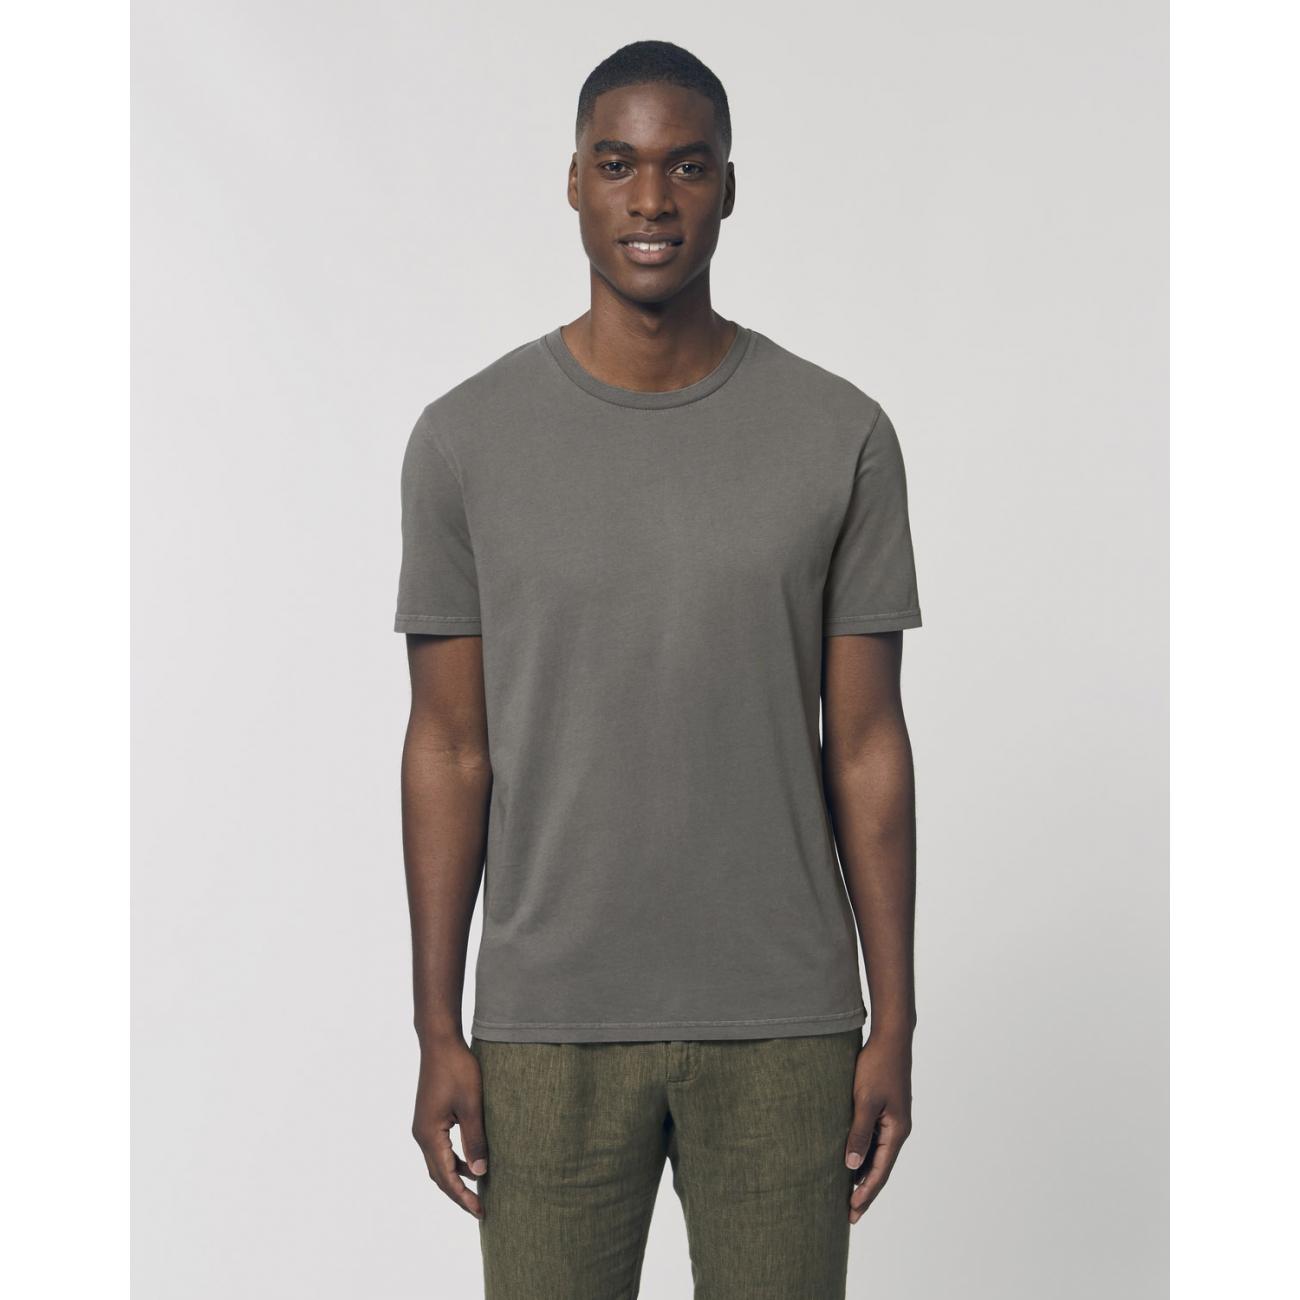 https://tee-shirt-bio.com/8639-thickbox_default/tee-shirt-style-vintage-delave-gris-anthracite-coton-bio-teinte-piece.jpg